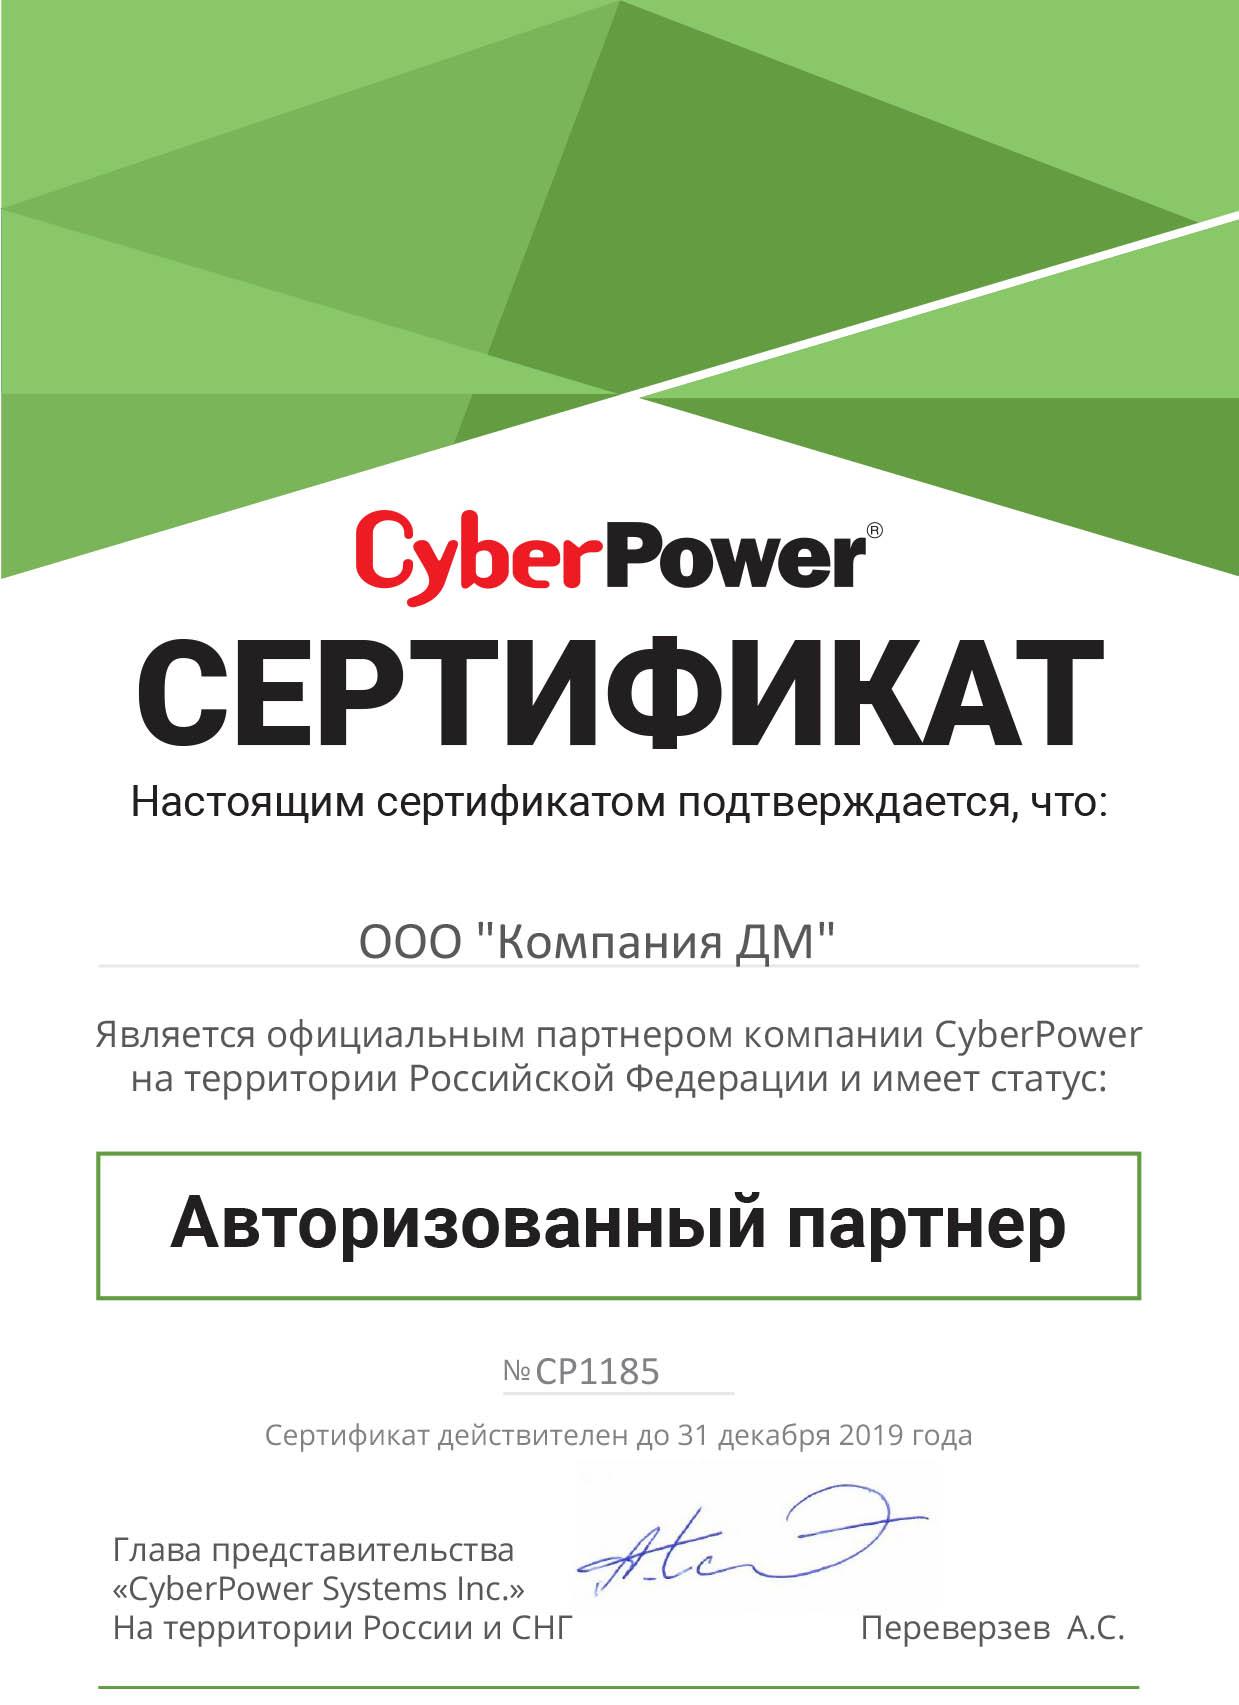 Cyber Power 2019